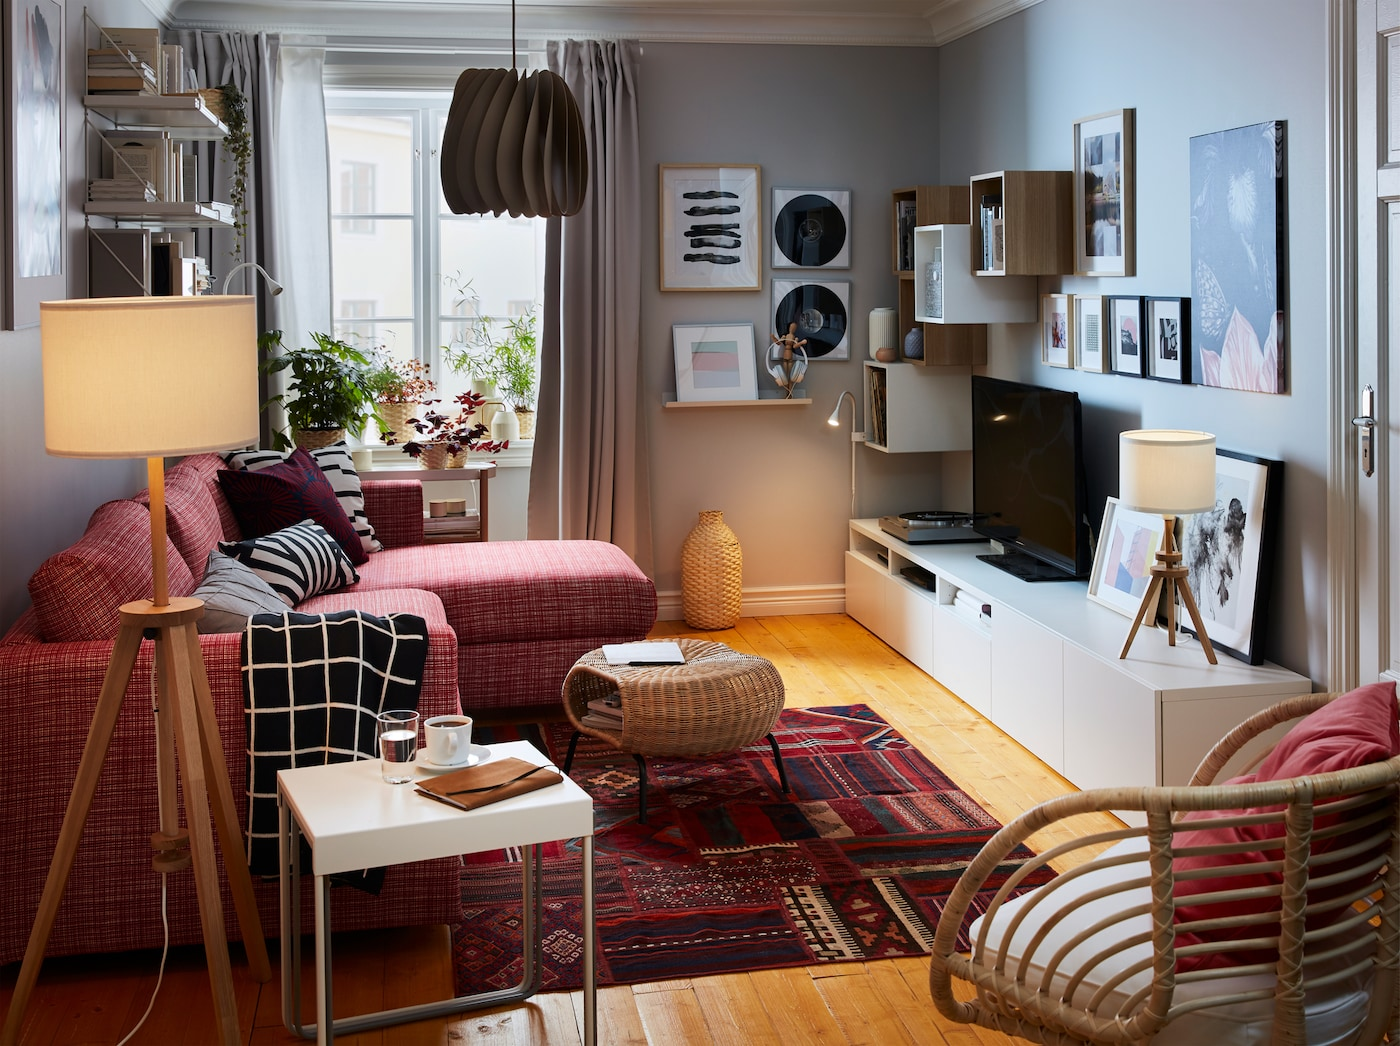 小型客厅配有红色波斯图案地毯、红色沙发、灰色窗帘、藤制扶手椅和情调照明。